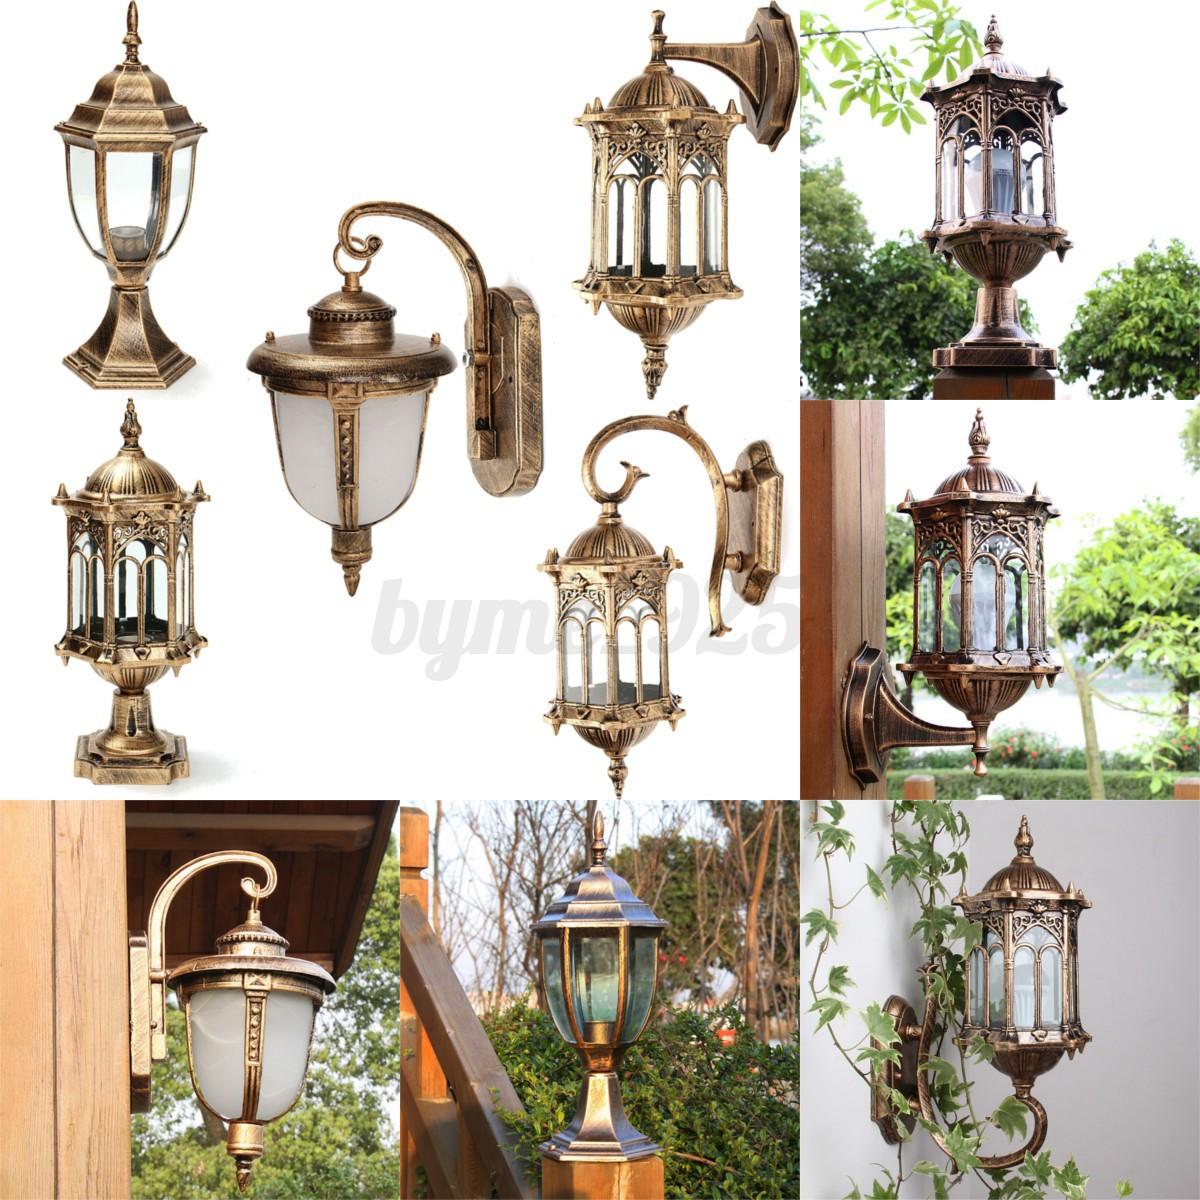 220V Vintage Exterior Wall Post Lighting Sconce Hanging Landscape Garden Lamp eBay